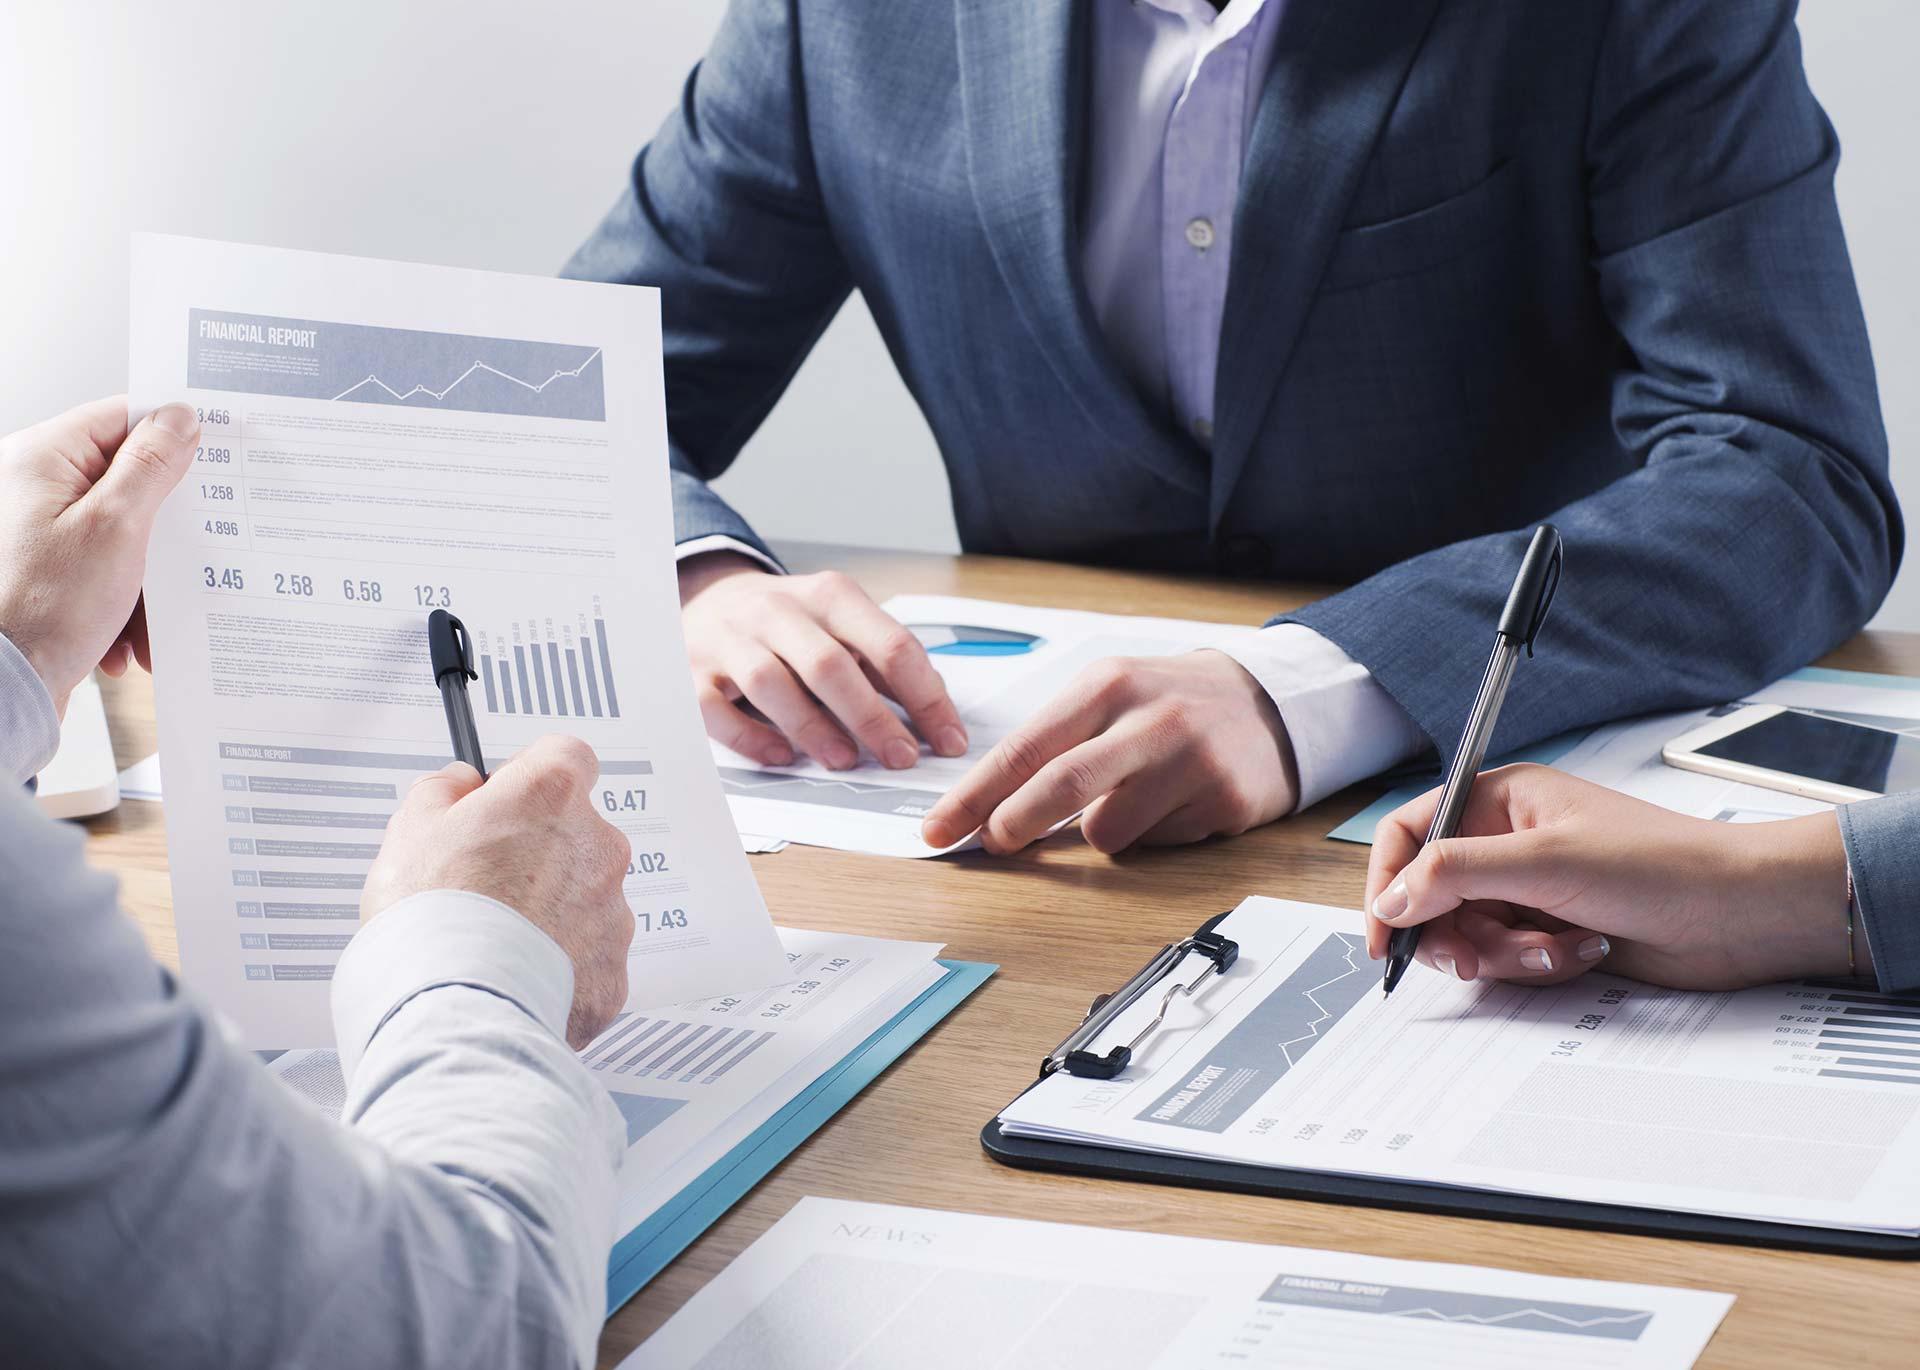 Jesteś doradcą finansowym? Poznaj 3 sposoby na zwiększenie lojalności klienta